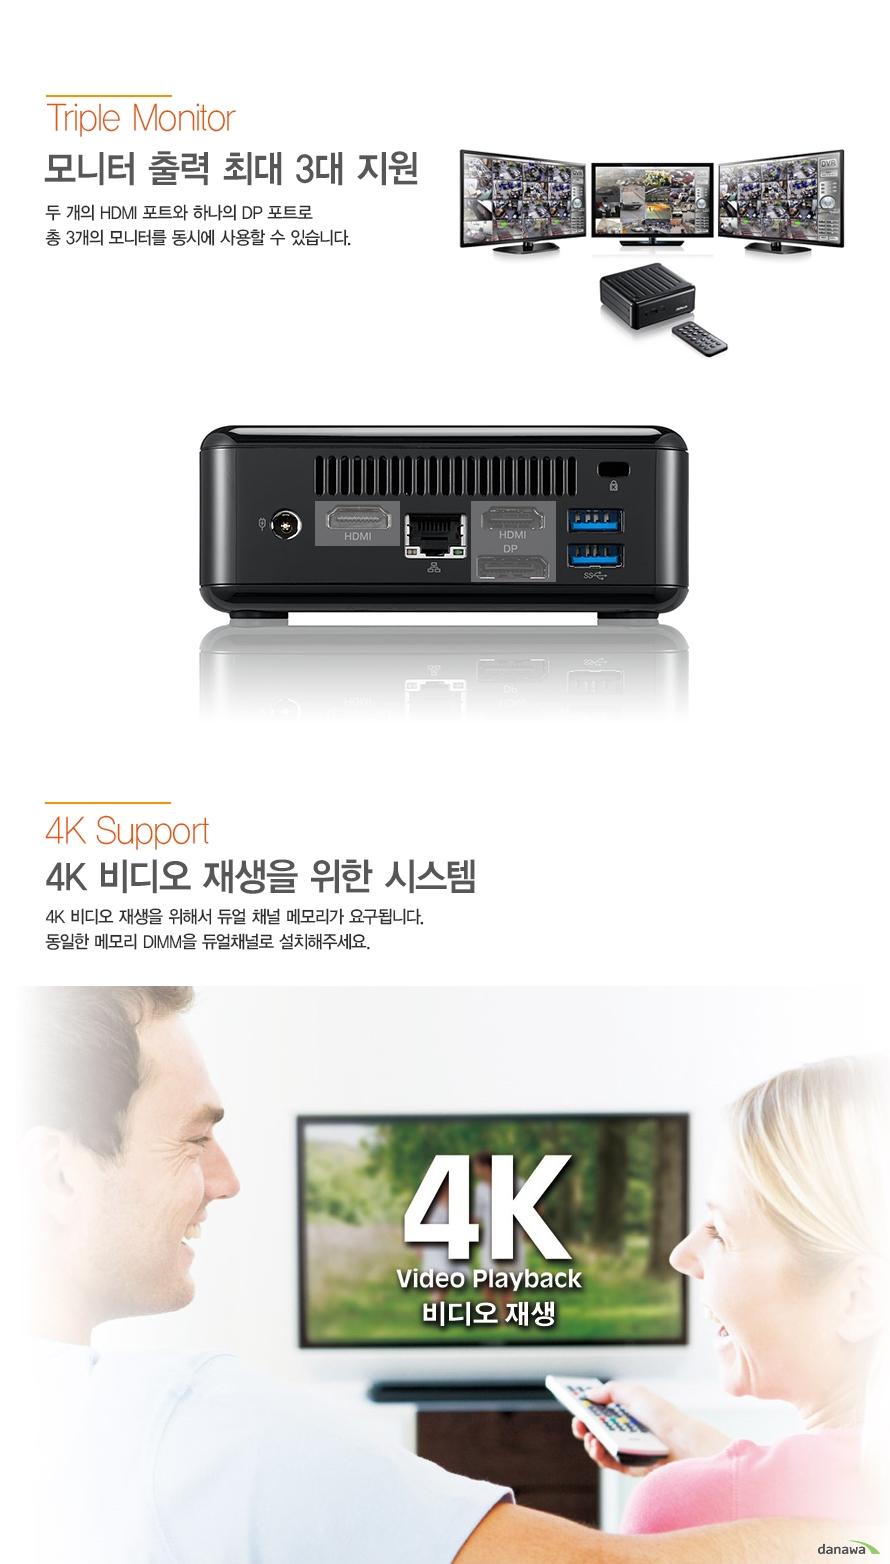 모니터 출력 최대 3대 지원          두 개의 hdmi 포트와 하나의 dp포트로 총 3개의 모니터를 동시에 사용할 수 있습니다.         4k 비디오 재생을 위한 시스템          4k 비디오 재생을 위해서 듀얼 채널 메모리가 요구됩니다.     동일한 메모리 dimm을 듀얼채널로 설치해 주세요